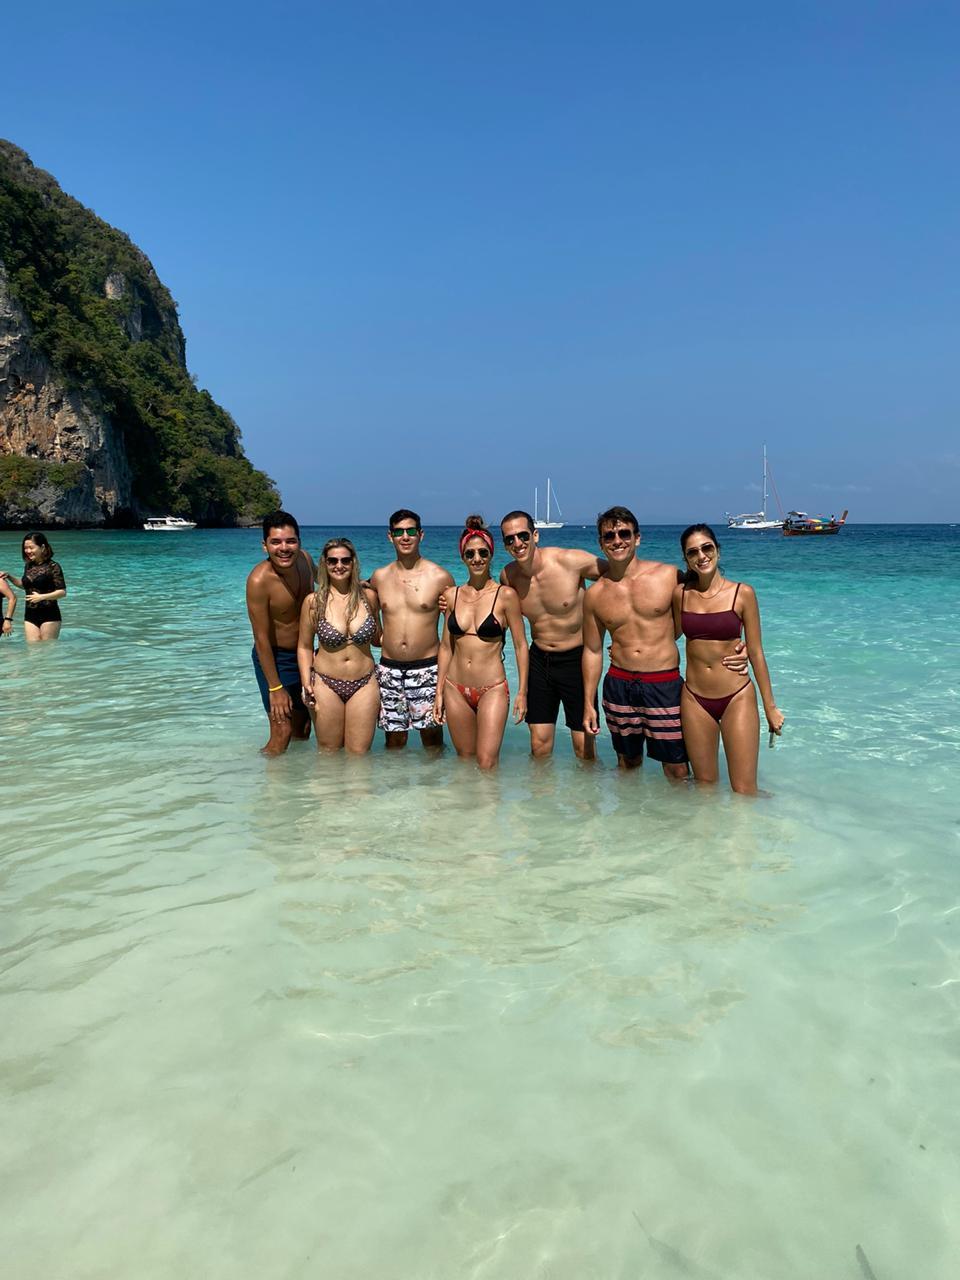 Mas, se fizer o One Day Trip, mesmo em alta temporada, vai evitar multidões do mesmo jeito :) One Day Trip - Passeio de barco com guia falando português em Koh Phi Phi Tailândia